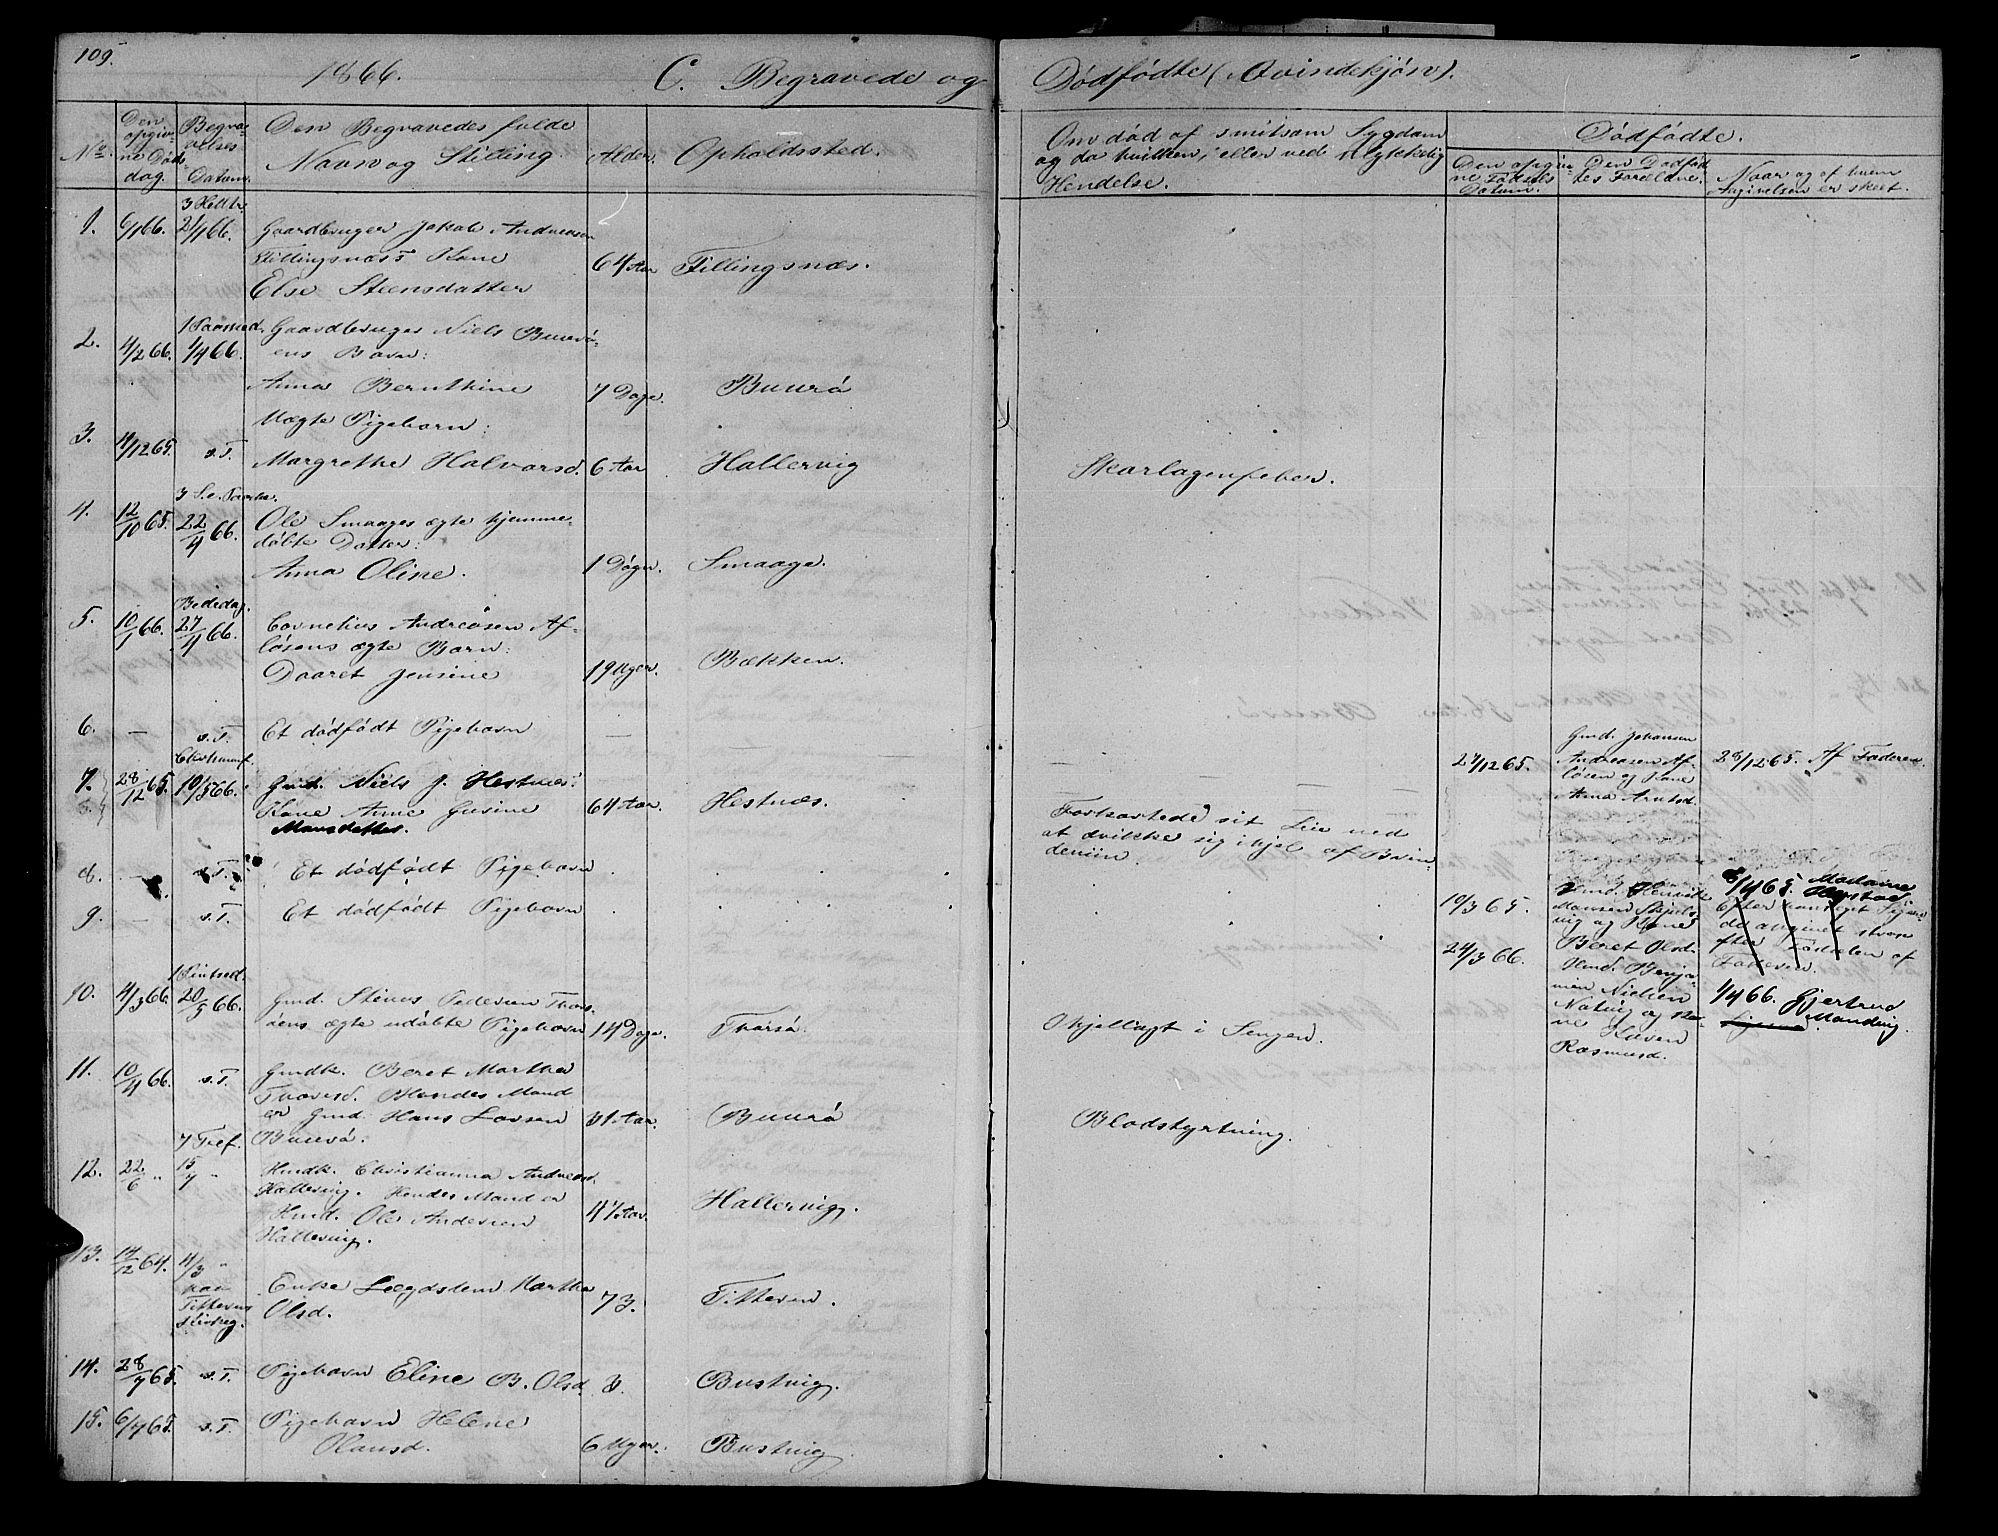 SAT, Ministerialprotokoller, klokkerbøker og fødselsregistre - Sør-Trøndelag, 634/L0539: Klokkerbok nr. 634C01, 1866-1873, s. 109